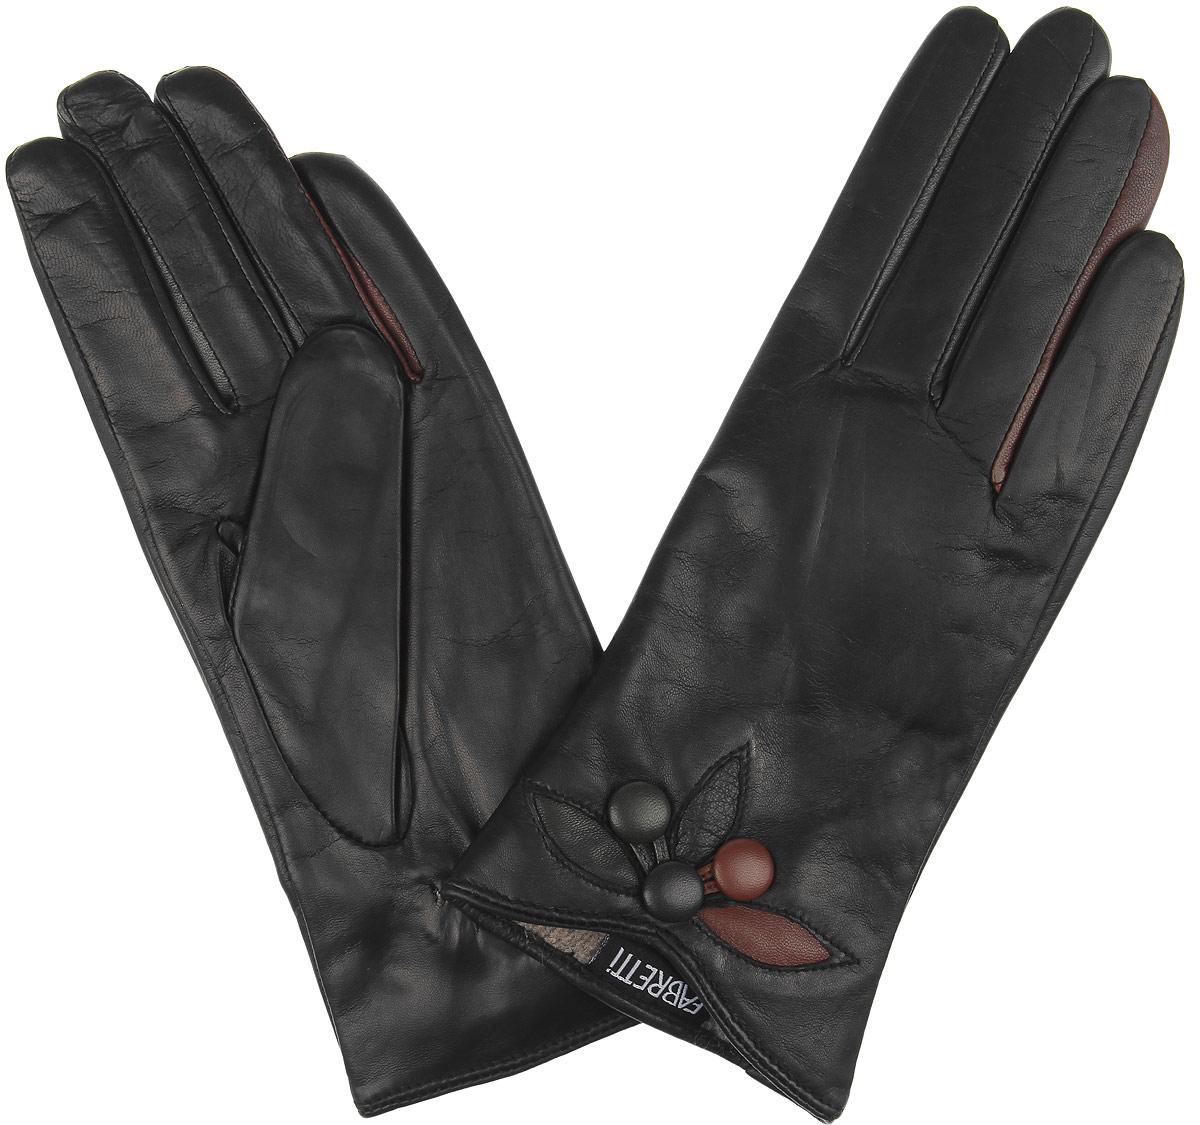 Перчатки9.64-1 blackСтильные женские перчатки Fabretti не только защитят ваши руки, но и станут великолепным украшением. Перчатки выполнены из чрезвычайно мягкой и приятной на ощупь натуральной кожи, а их подкладка - из шерсти с добавлением кашемира. С лицевой стороны манжеты имеют небольшую выемку и декорированы контрастными вставками с пуговками. Тыльная сторона оснащена резинкой для оптимальной посадки модели на руке. Перчатки станут завершающим и подчеркивающим элементом вашего стиля и неповторимости.